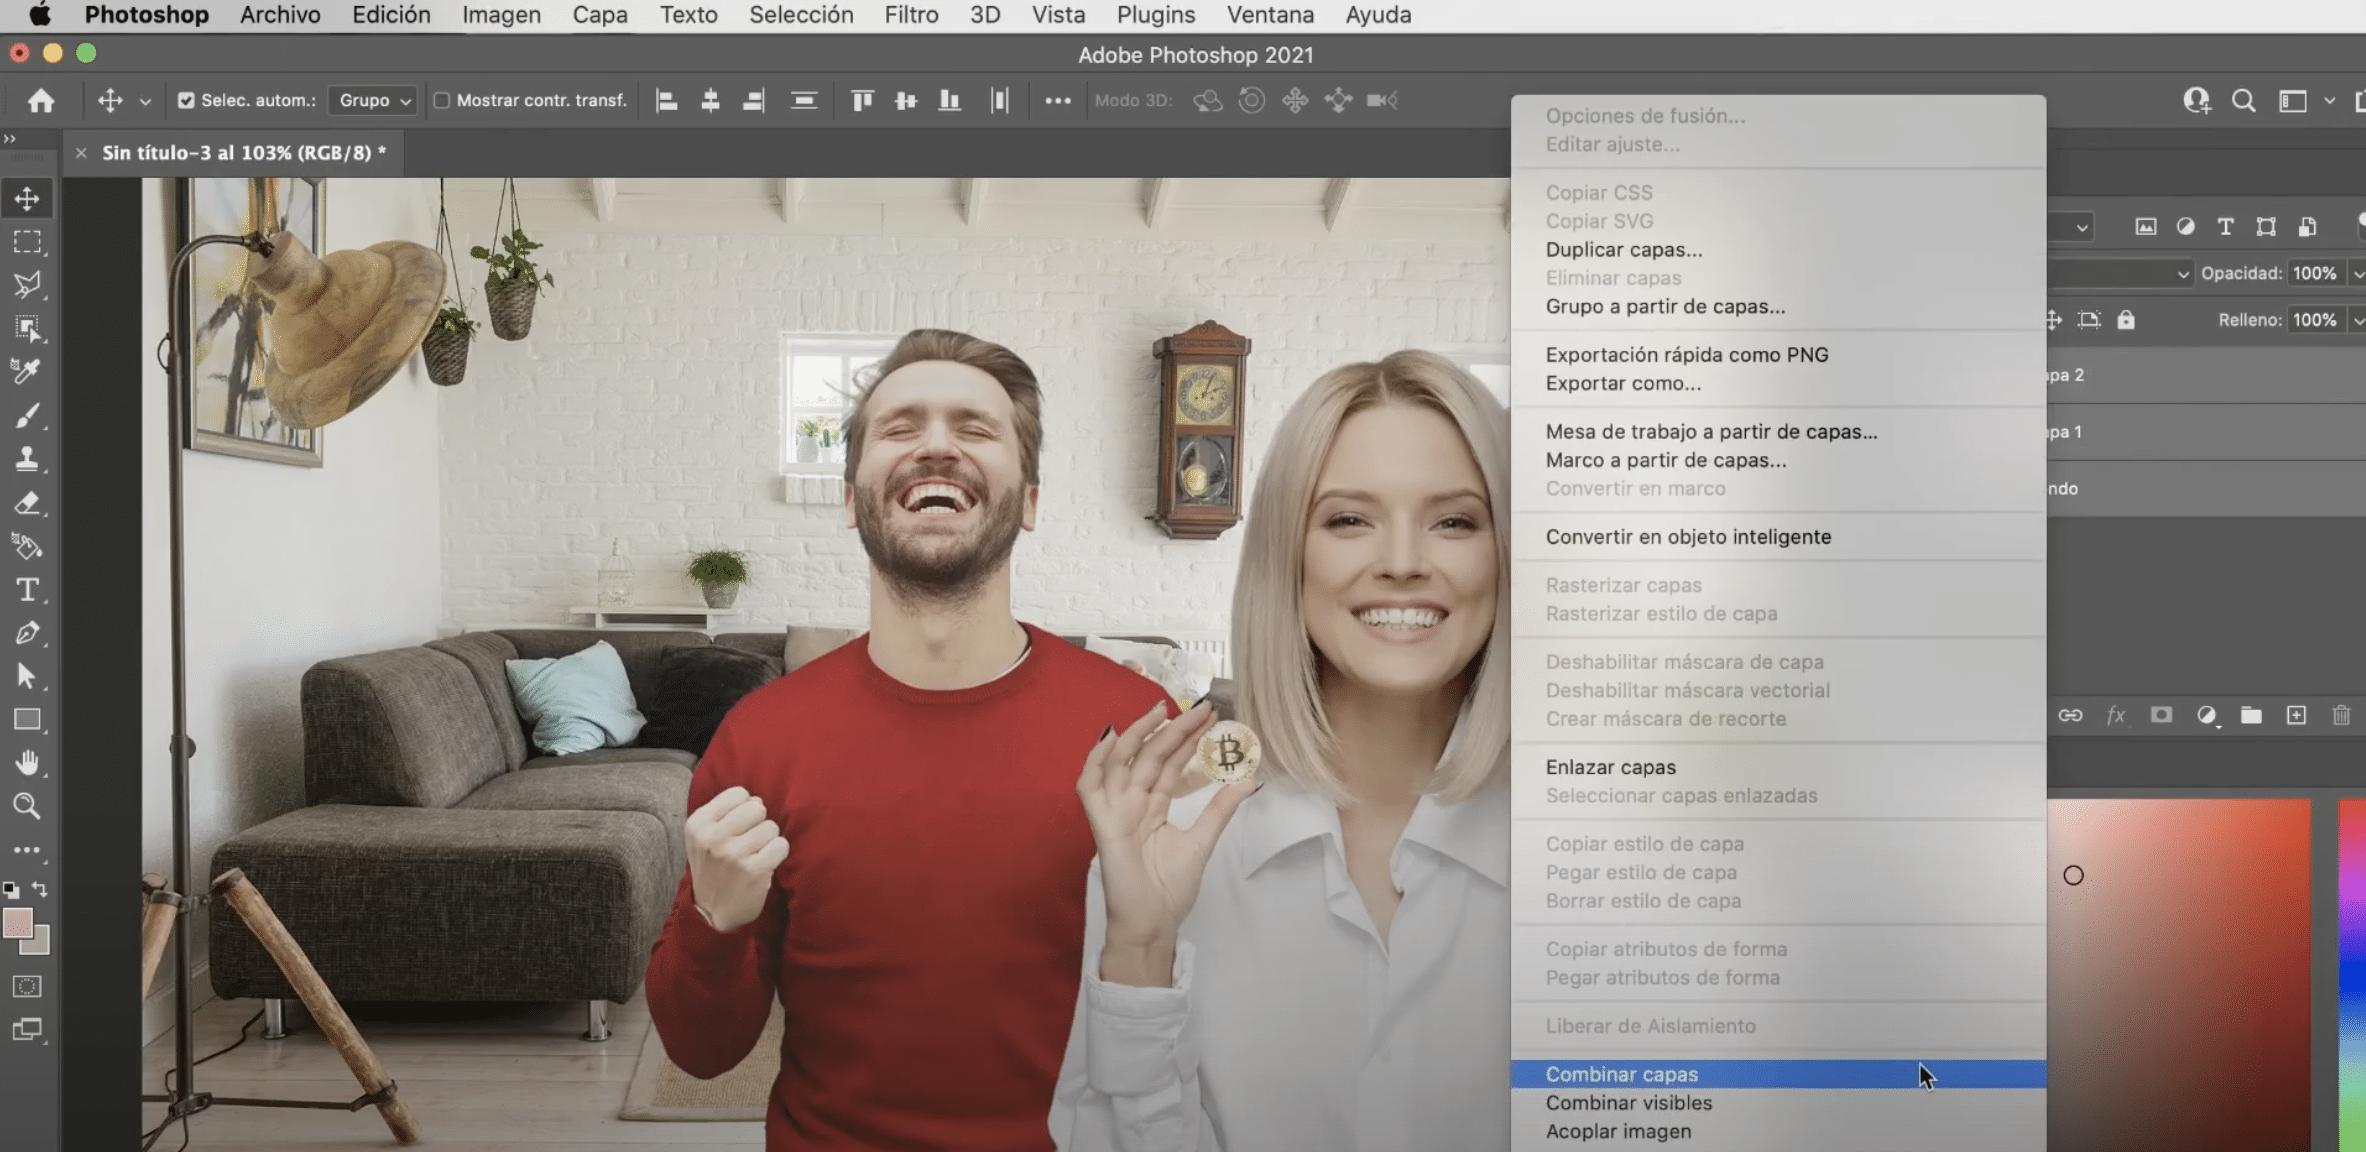 Combinar capas en Photoshop